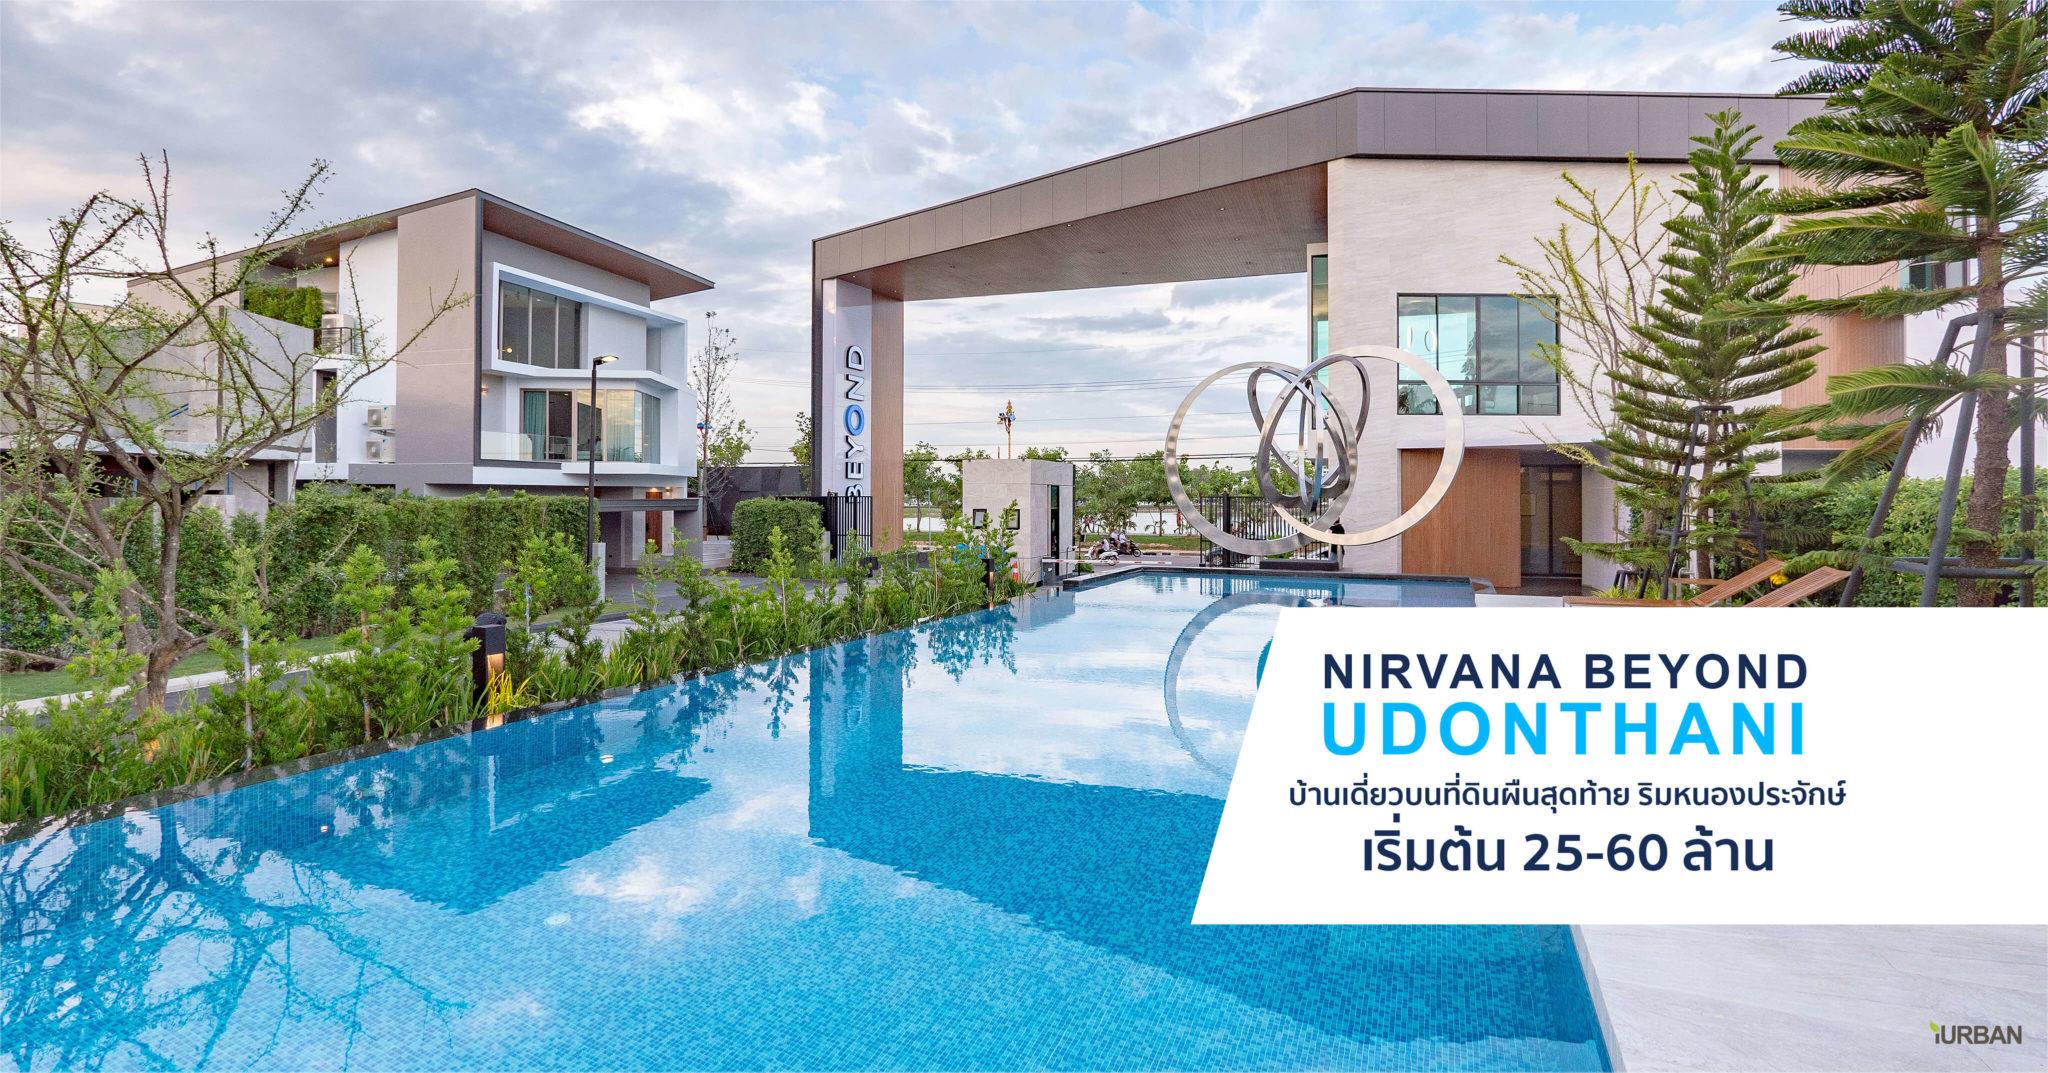 รีวิว Nirvana BEYOND Udonthani บ้านเดี่ยว 3 ชั้น ดีไซน์บิดสุดโมเดิร์น บนที่ดินสุดท้ายหน้าหนองประจักษ์ 13 - Luxury